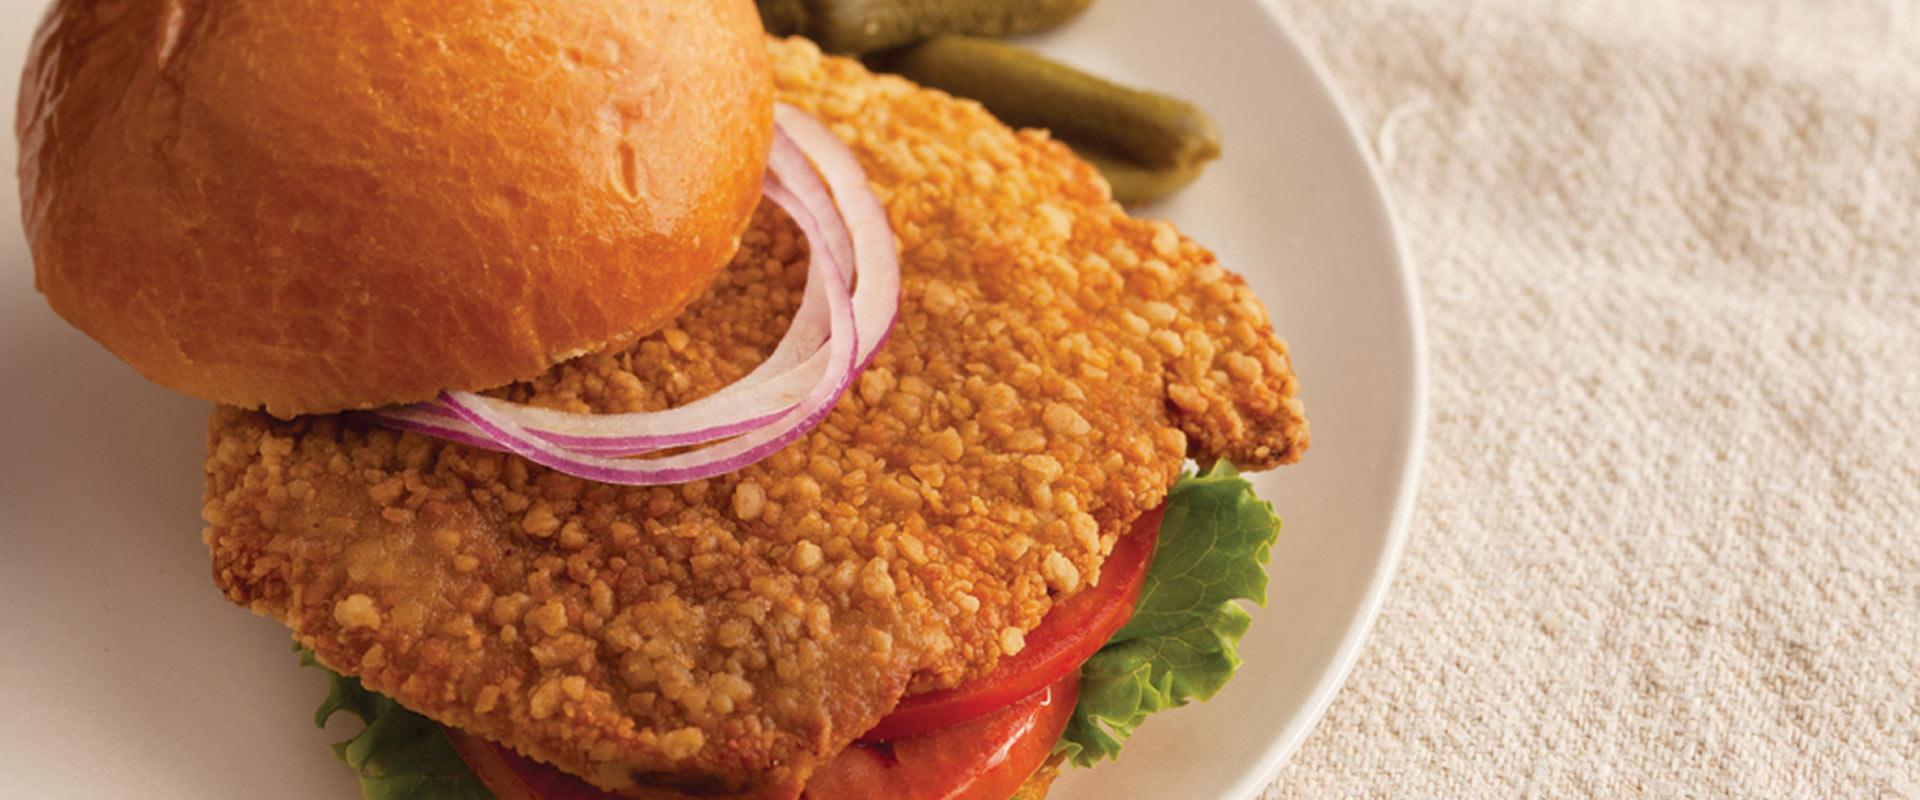 Breaded Pork Tenderloin Special